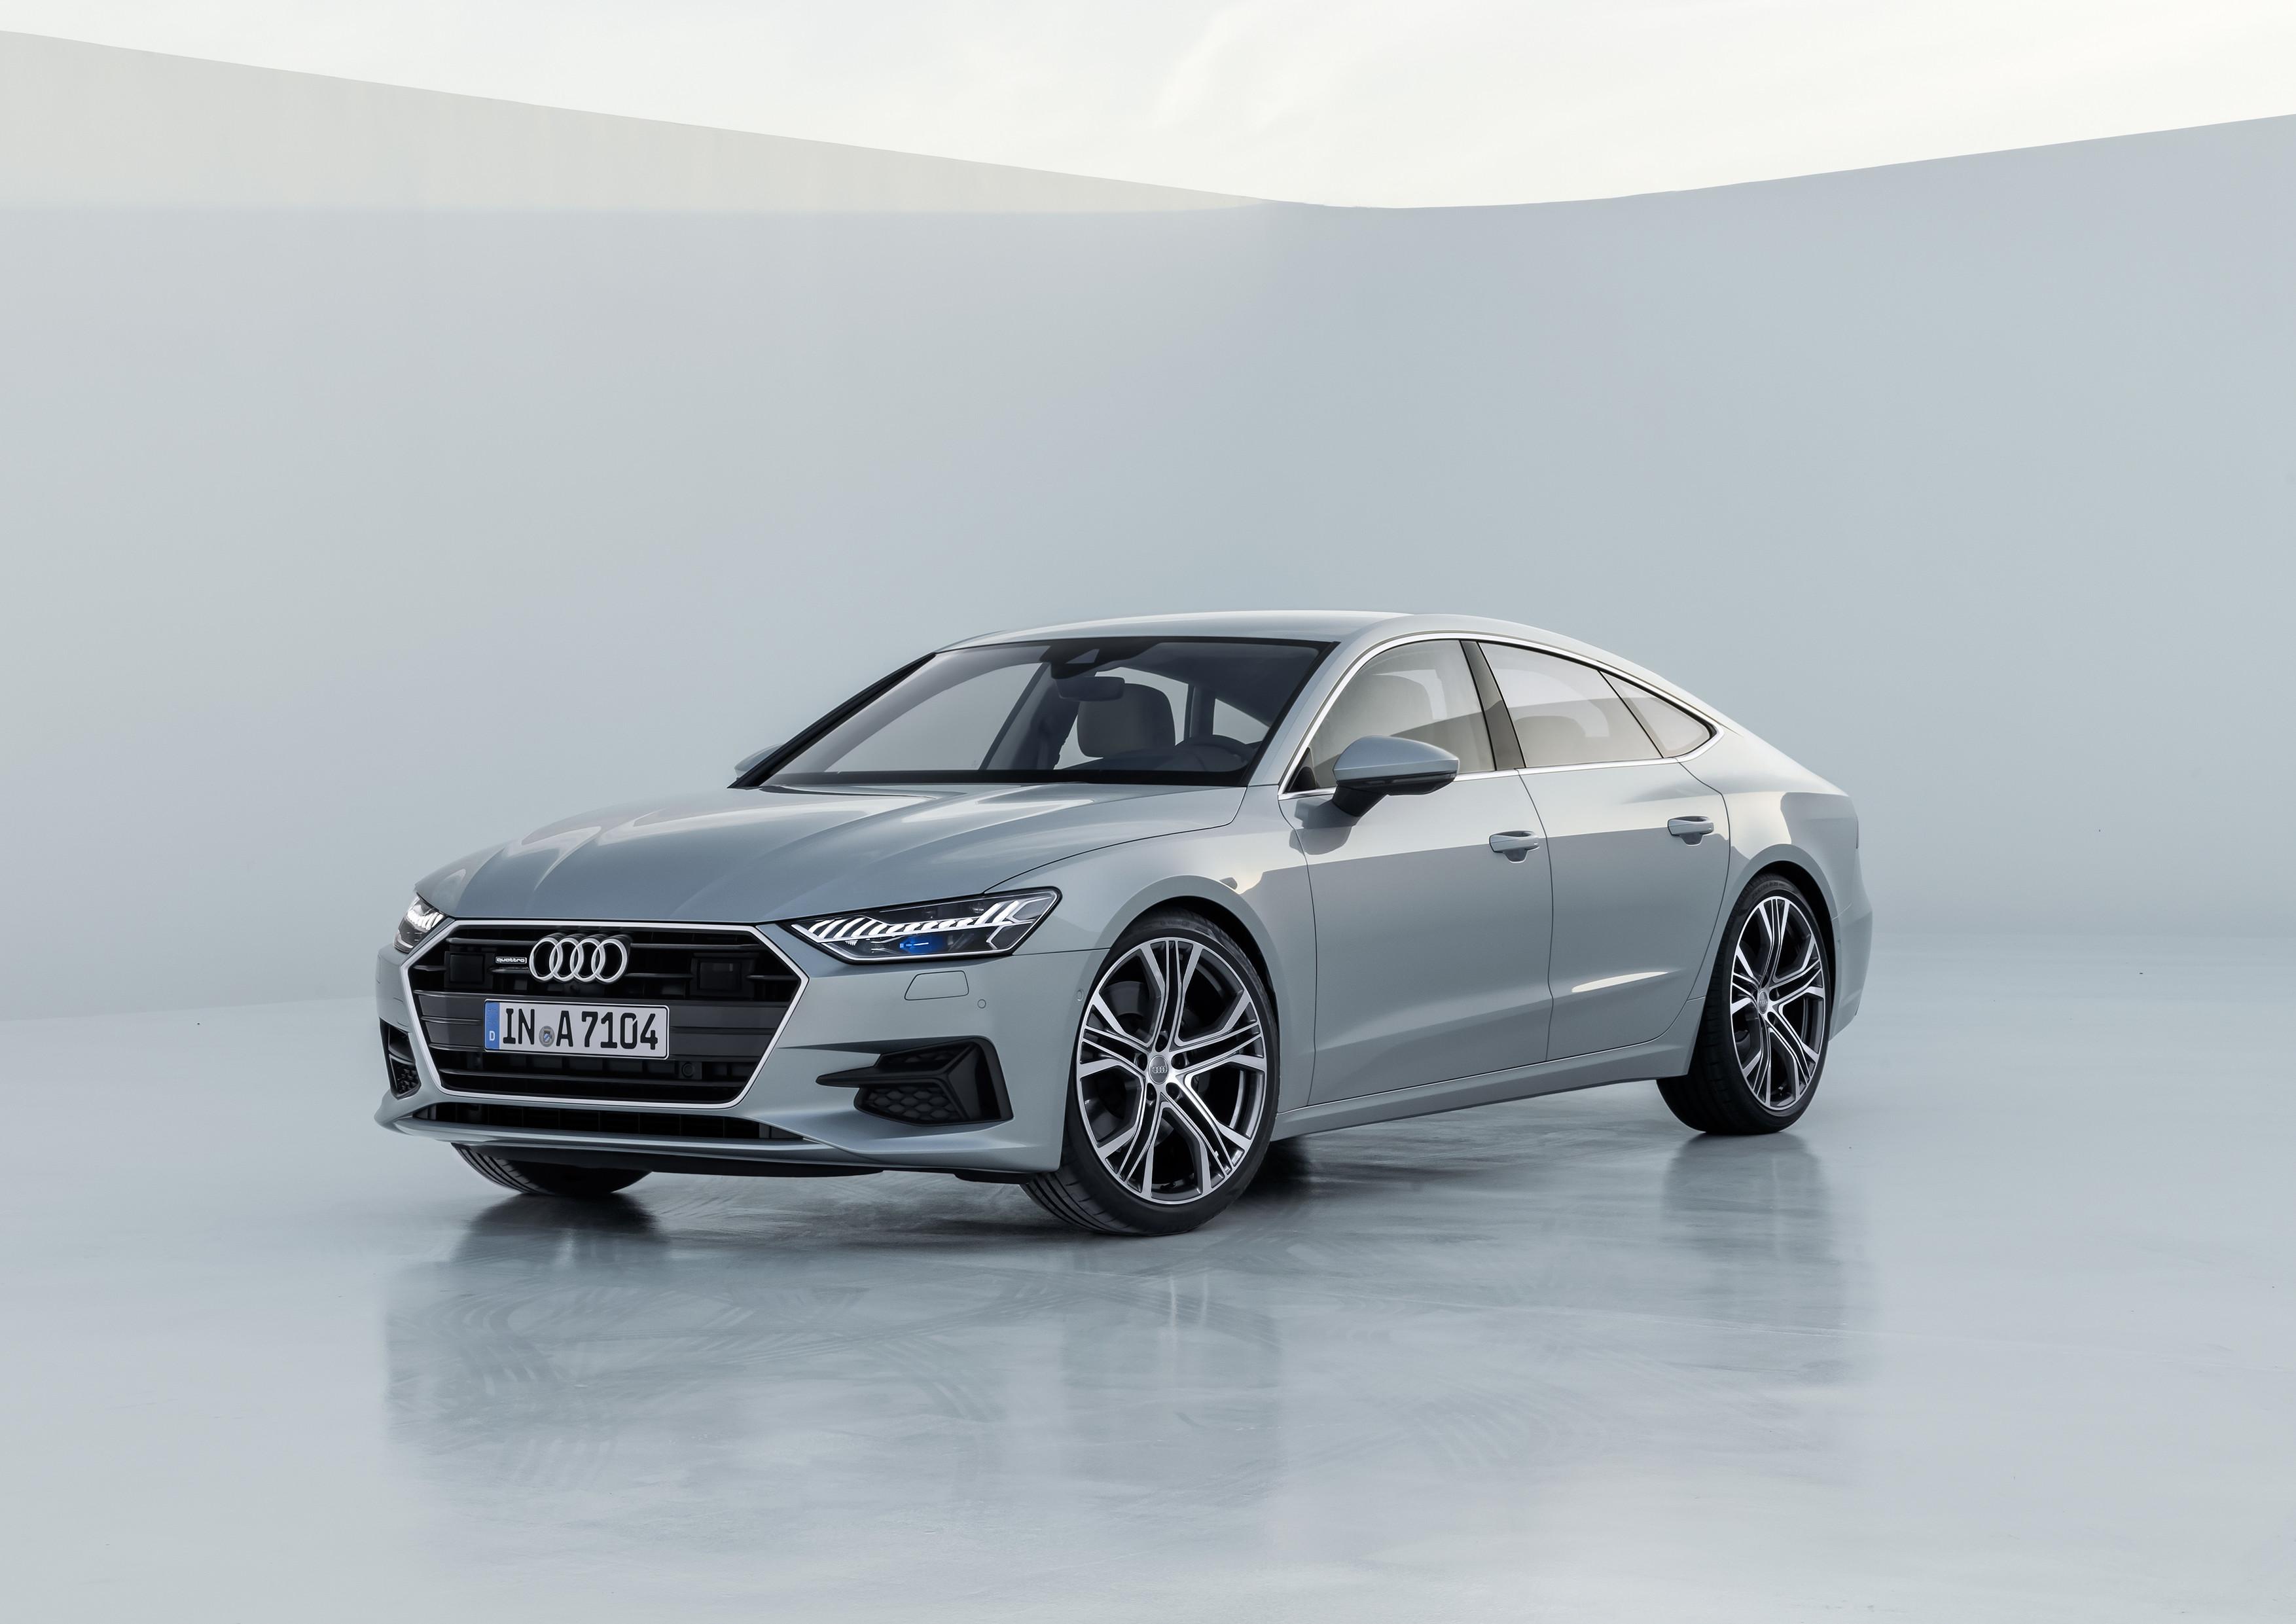 Conheça o novo Audi A7 Sportback